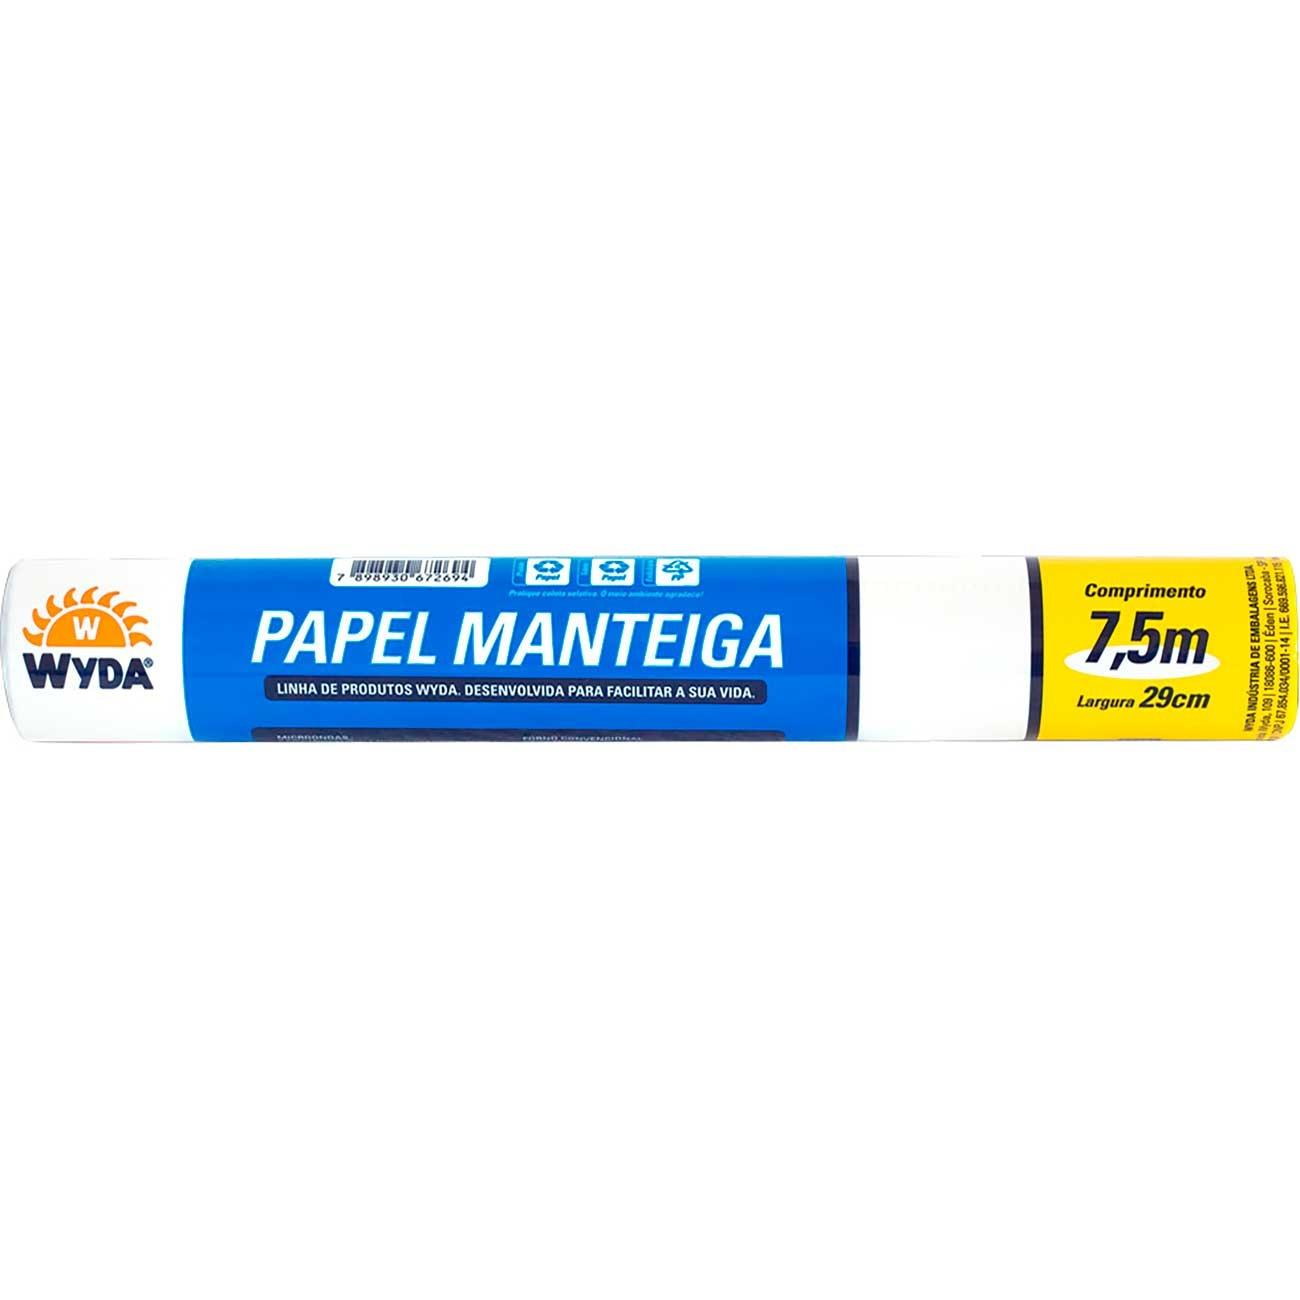 Papel Manteiga Wyda 29 x 7,5m   Caixa com 25 unidades